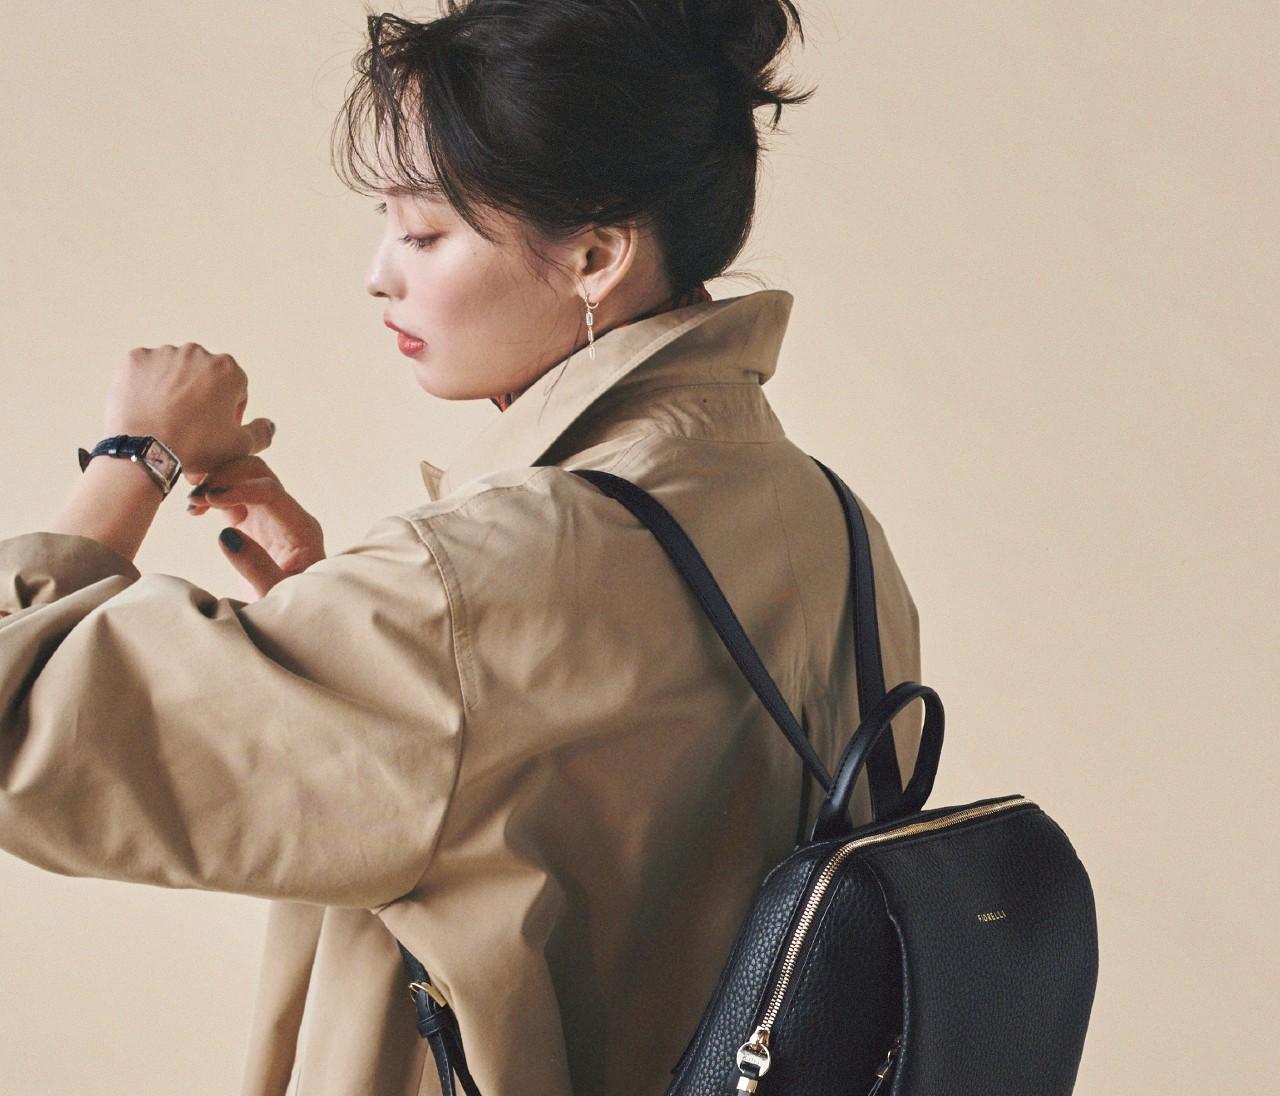 【働く30代のバッグ】通勤OKな「きれいめリュック」を選ぶコツ